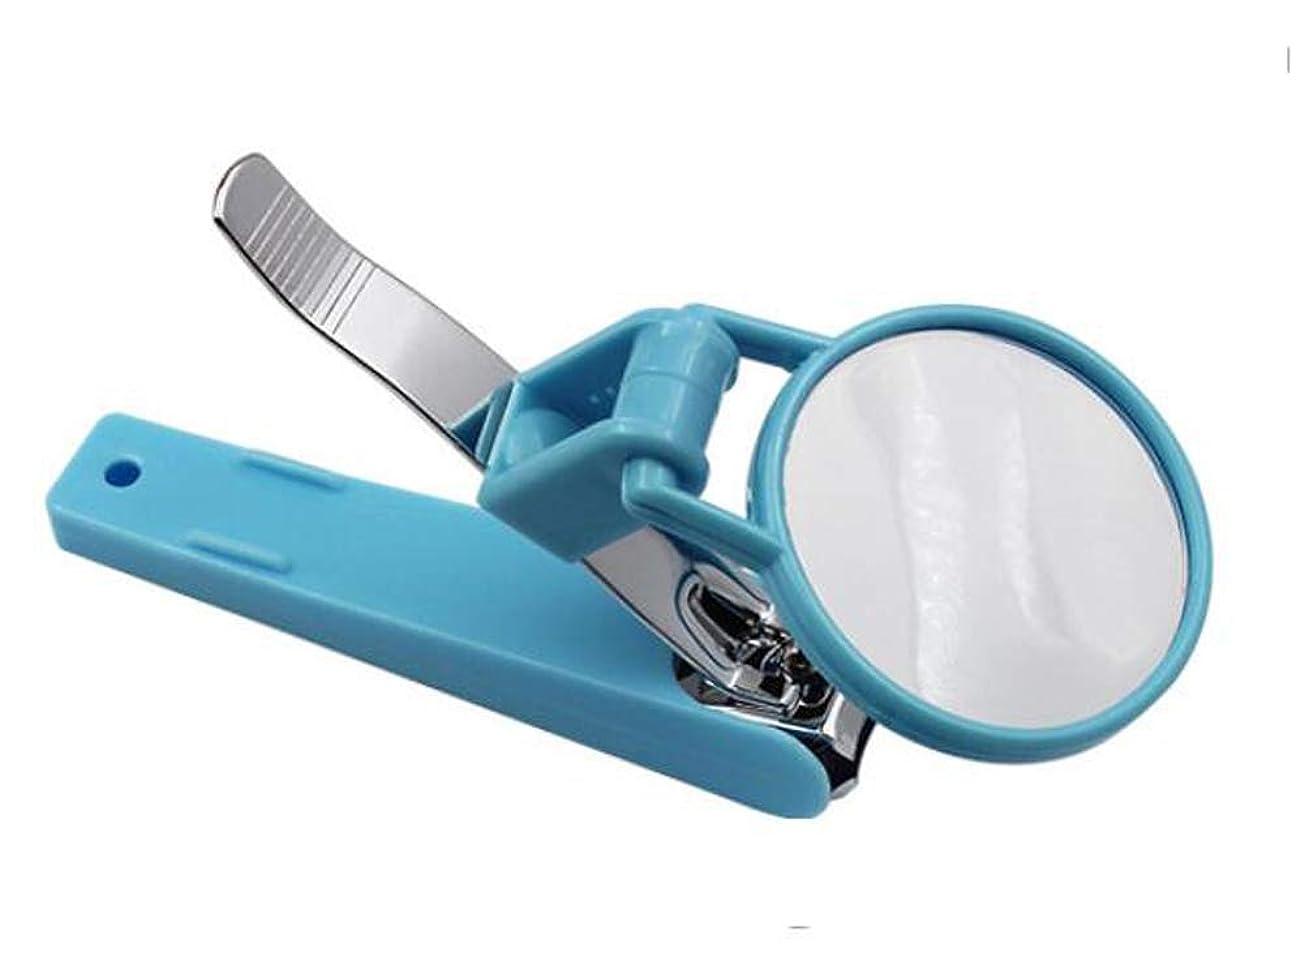 武装解除ダム苦味SZM ルーペ付き爪切り ネイルケア 高齢者向け 虫眼鏡 コンパクト 携帯便利 360度回転